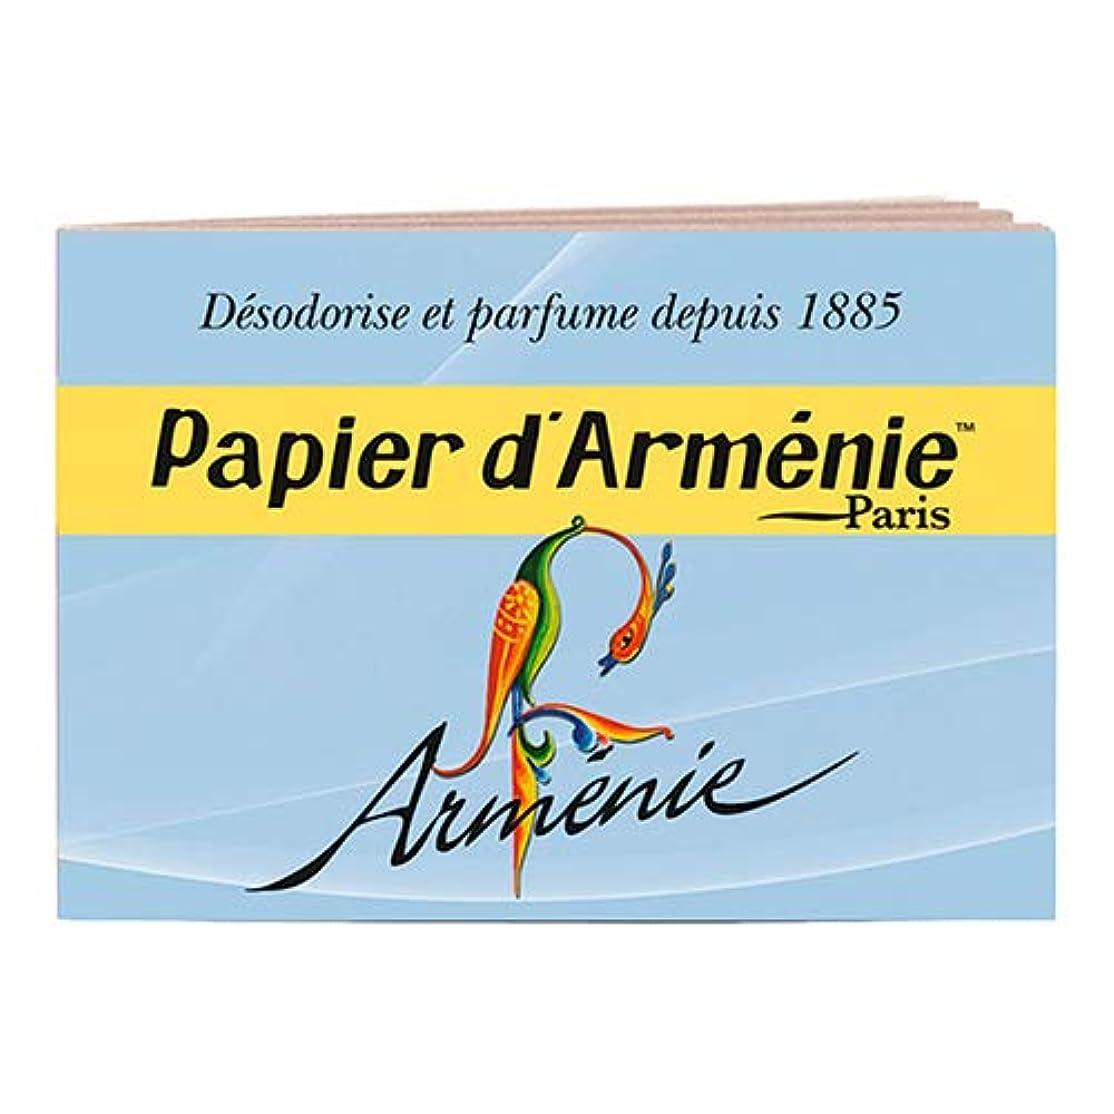 トライアスロン表向きランデブーパピエダルメニイ トリプル (青) 1冊(1シート3回分×12枚/36回分) アルメニイ(アニー) 紙のお香 インセンス PAPIER D'ARMENIE [並行輸入品]